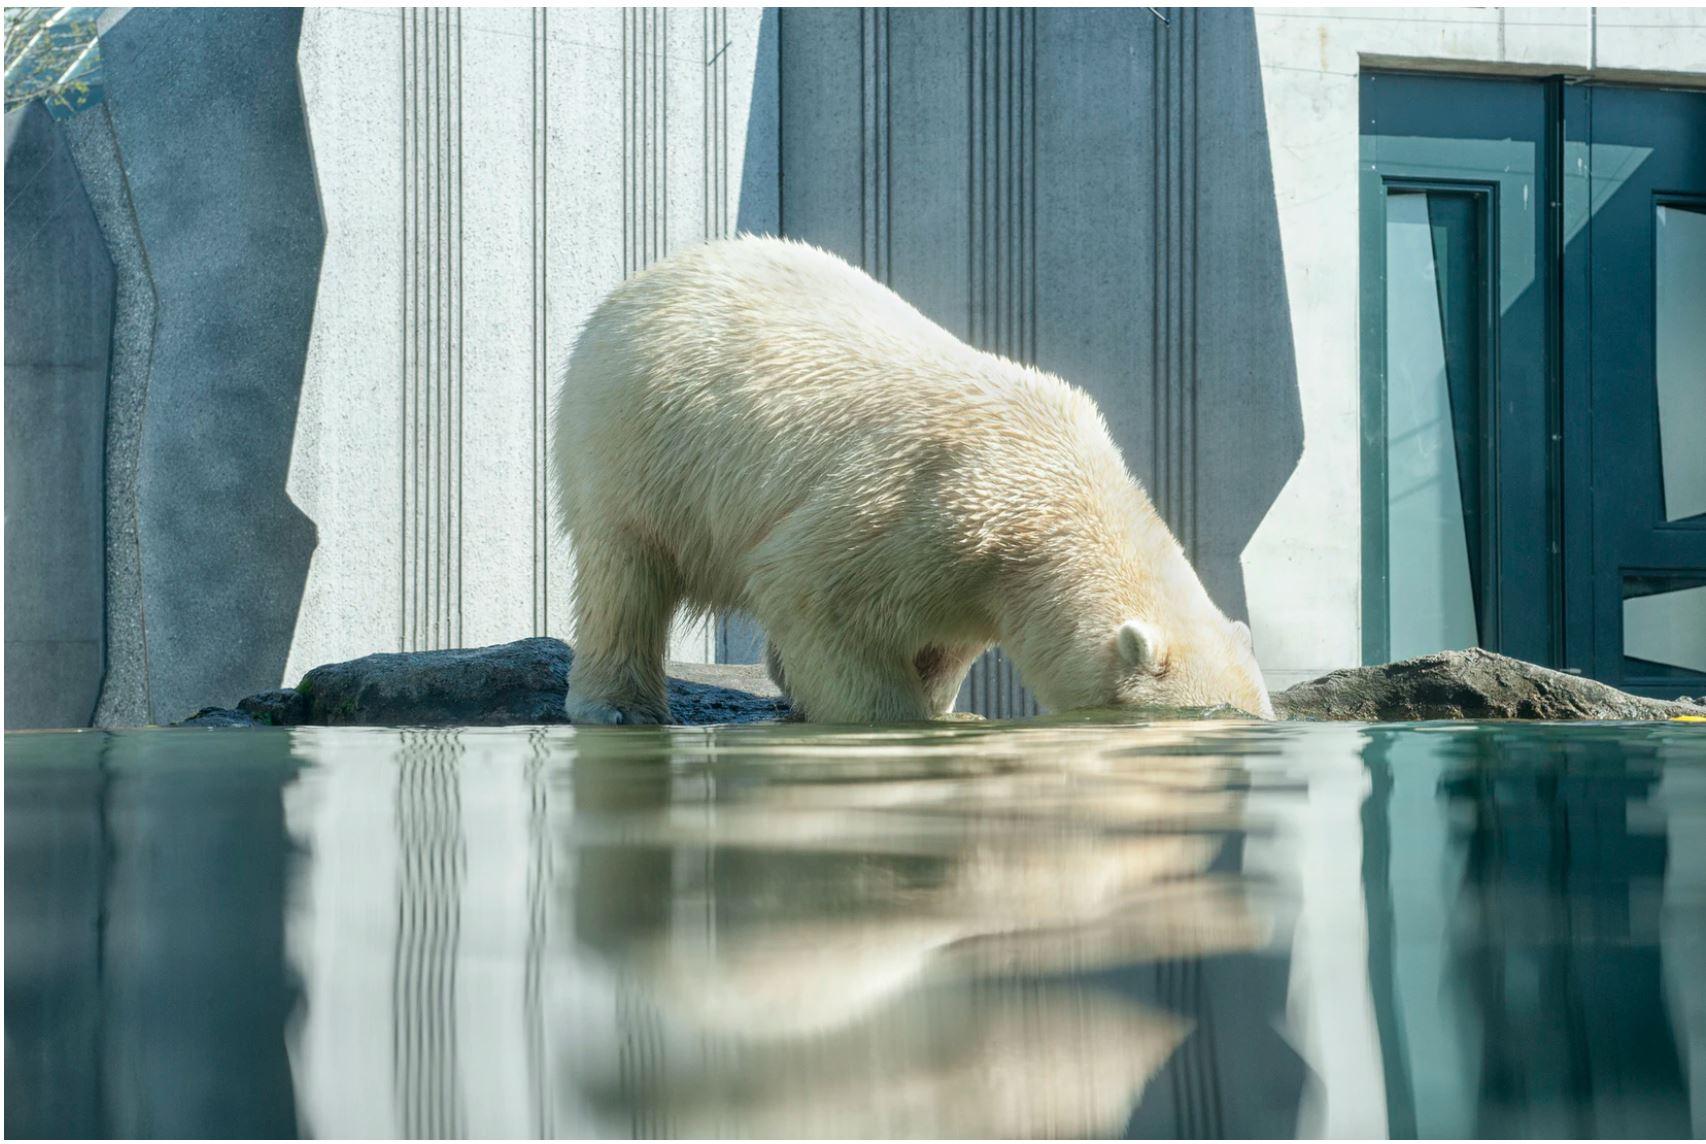 orso polare ecosistemi